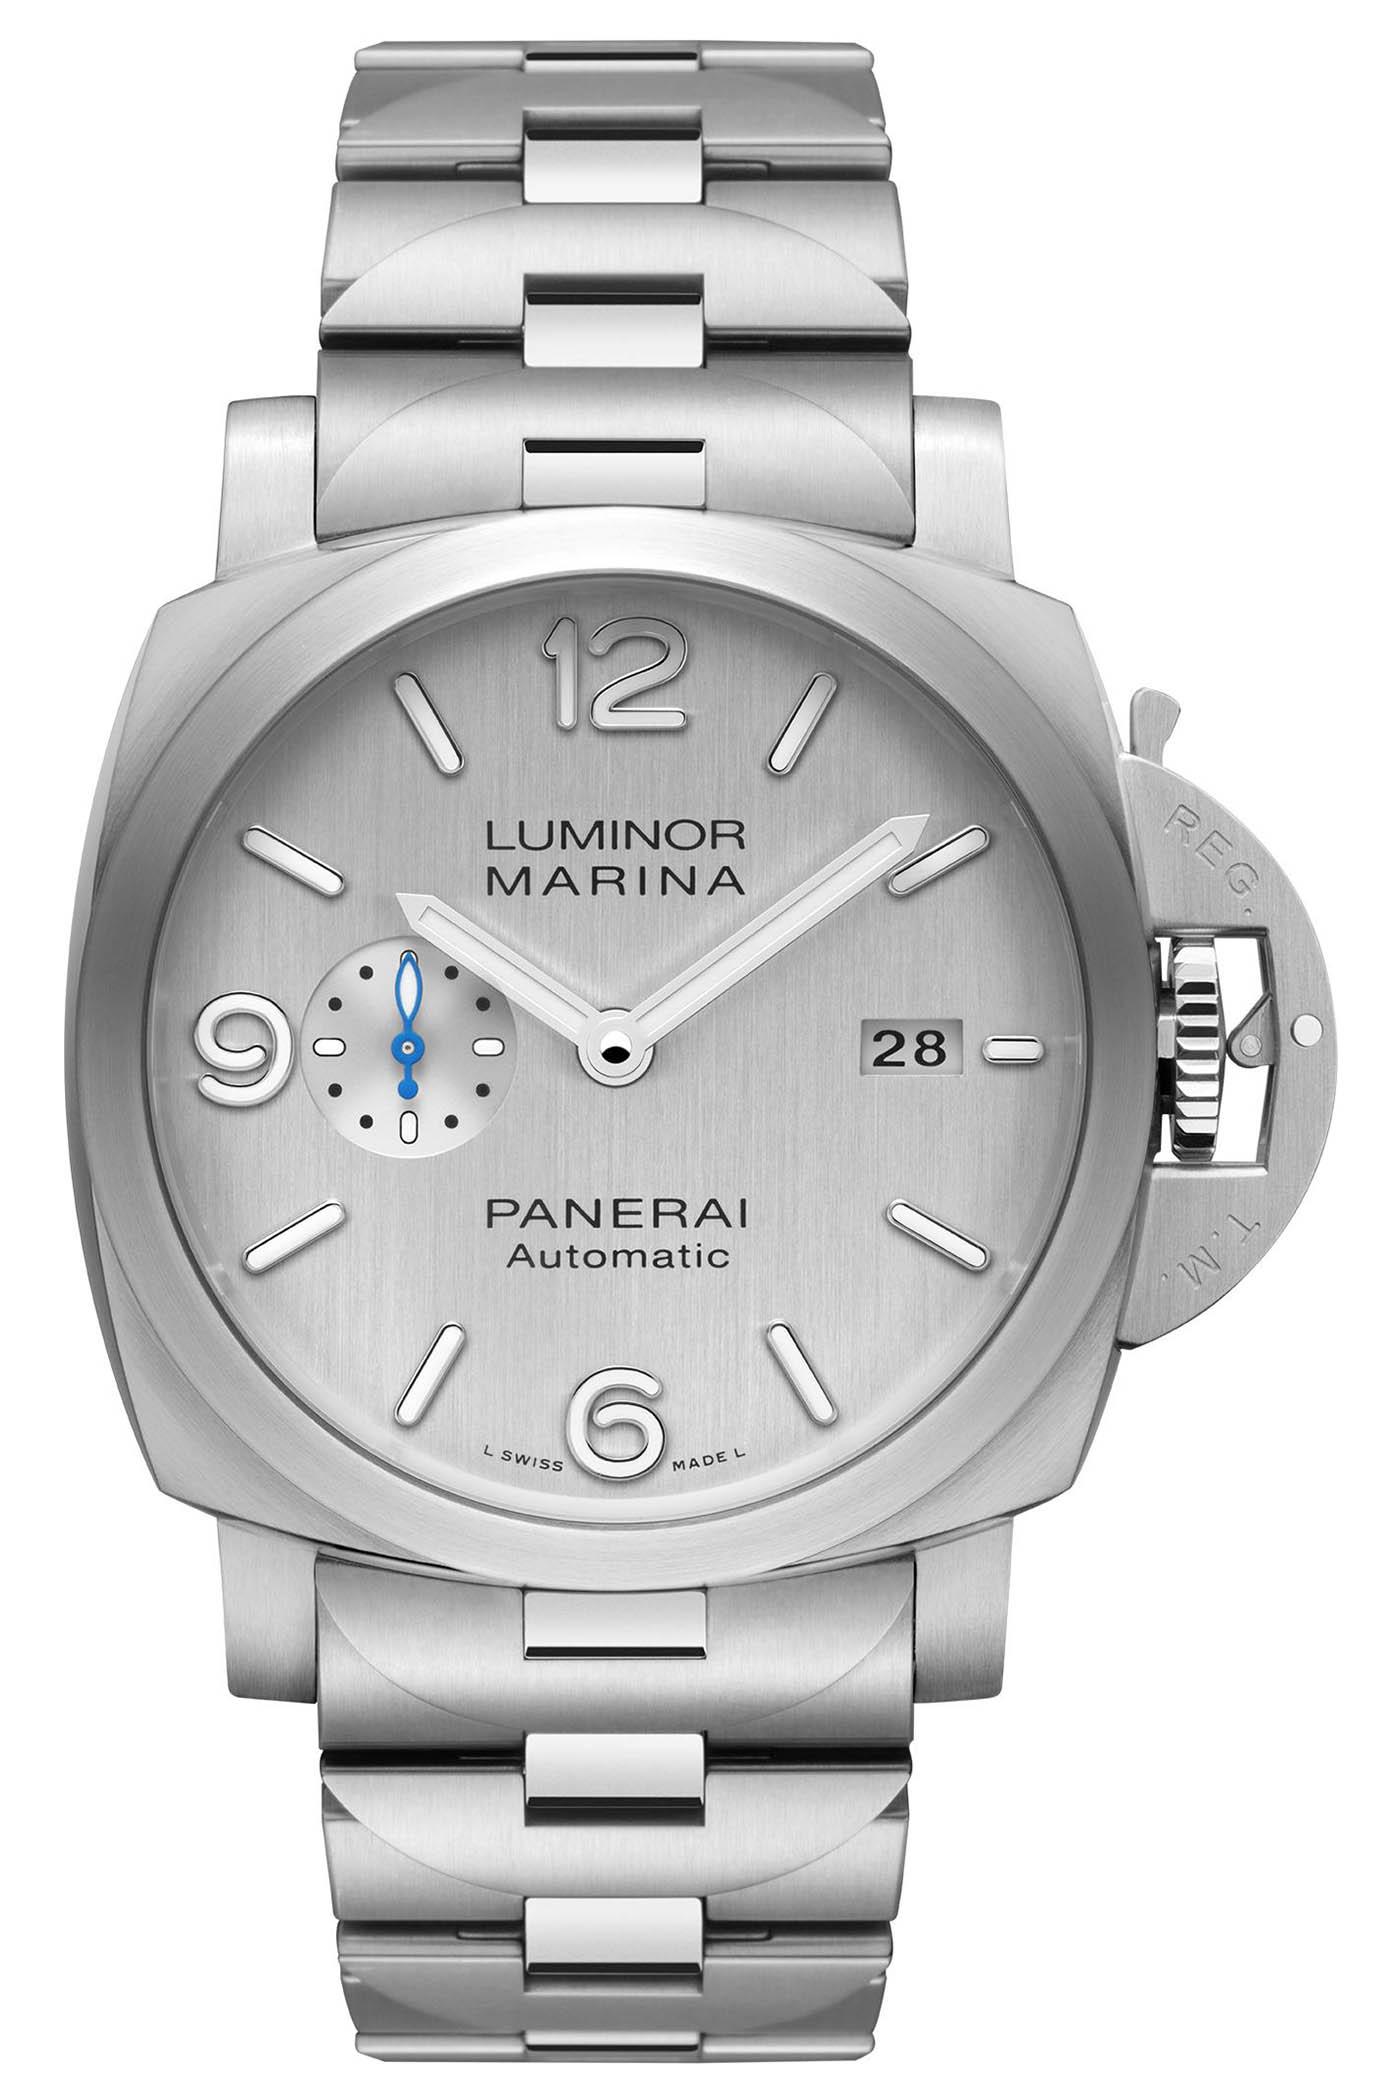 Panerai Luminor Marina Silver Dial - PAM00977 - PAM00978 - 6